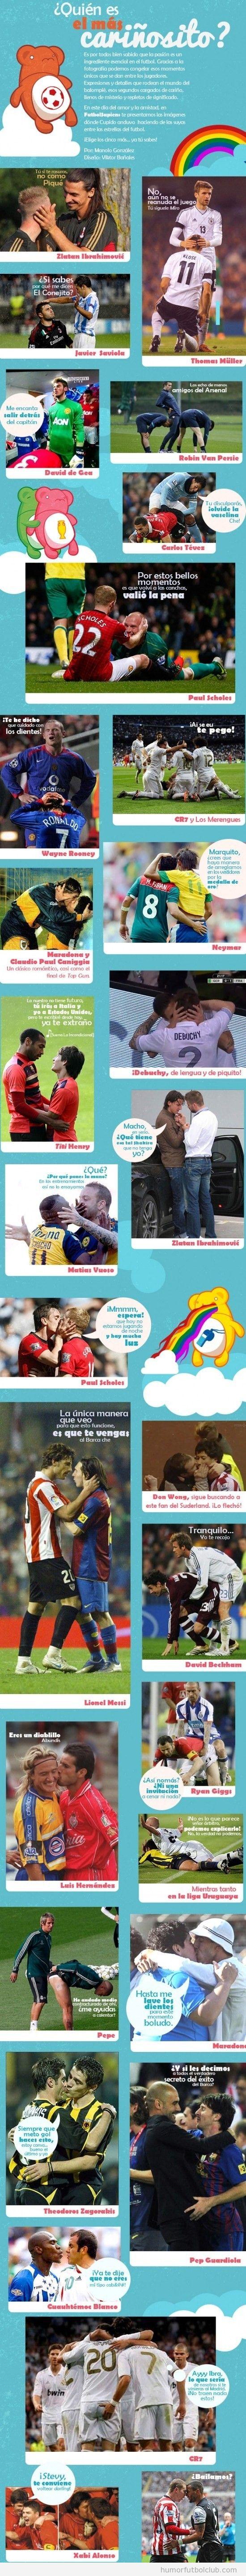 Imágenes graciosaImágenes graciosas de futbolistas abrazándose y dándose amor6499